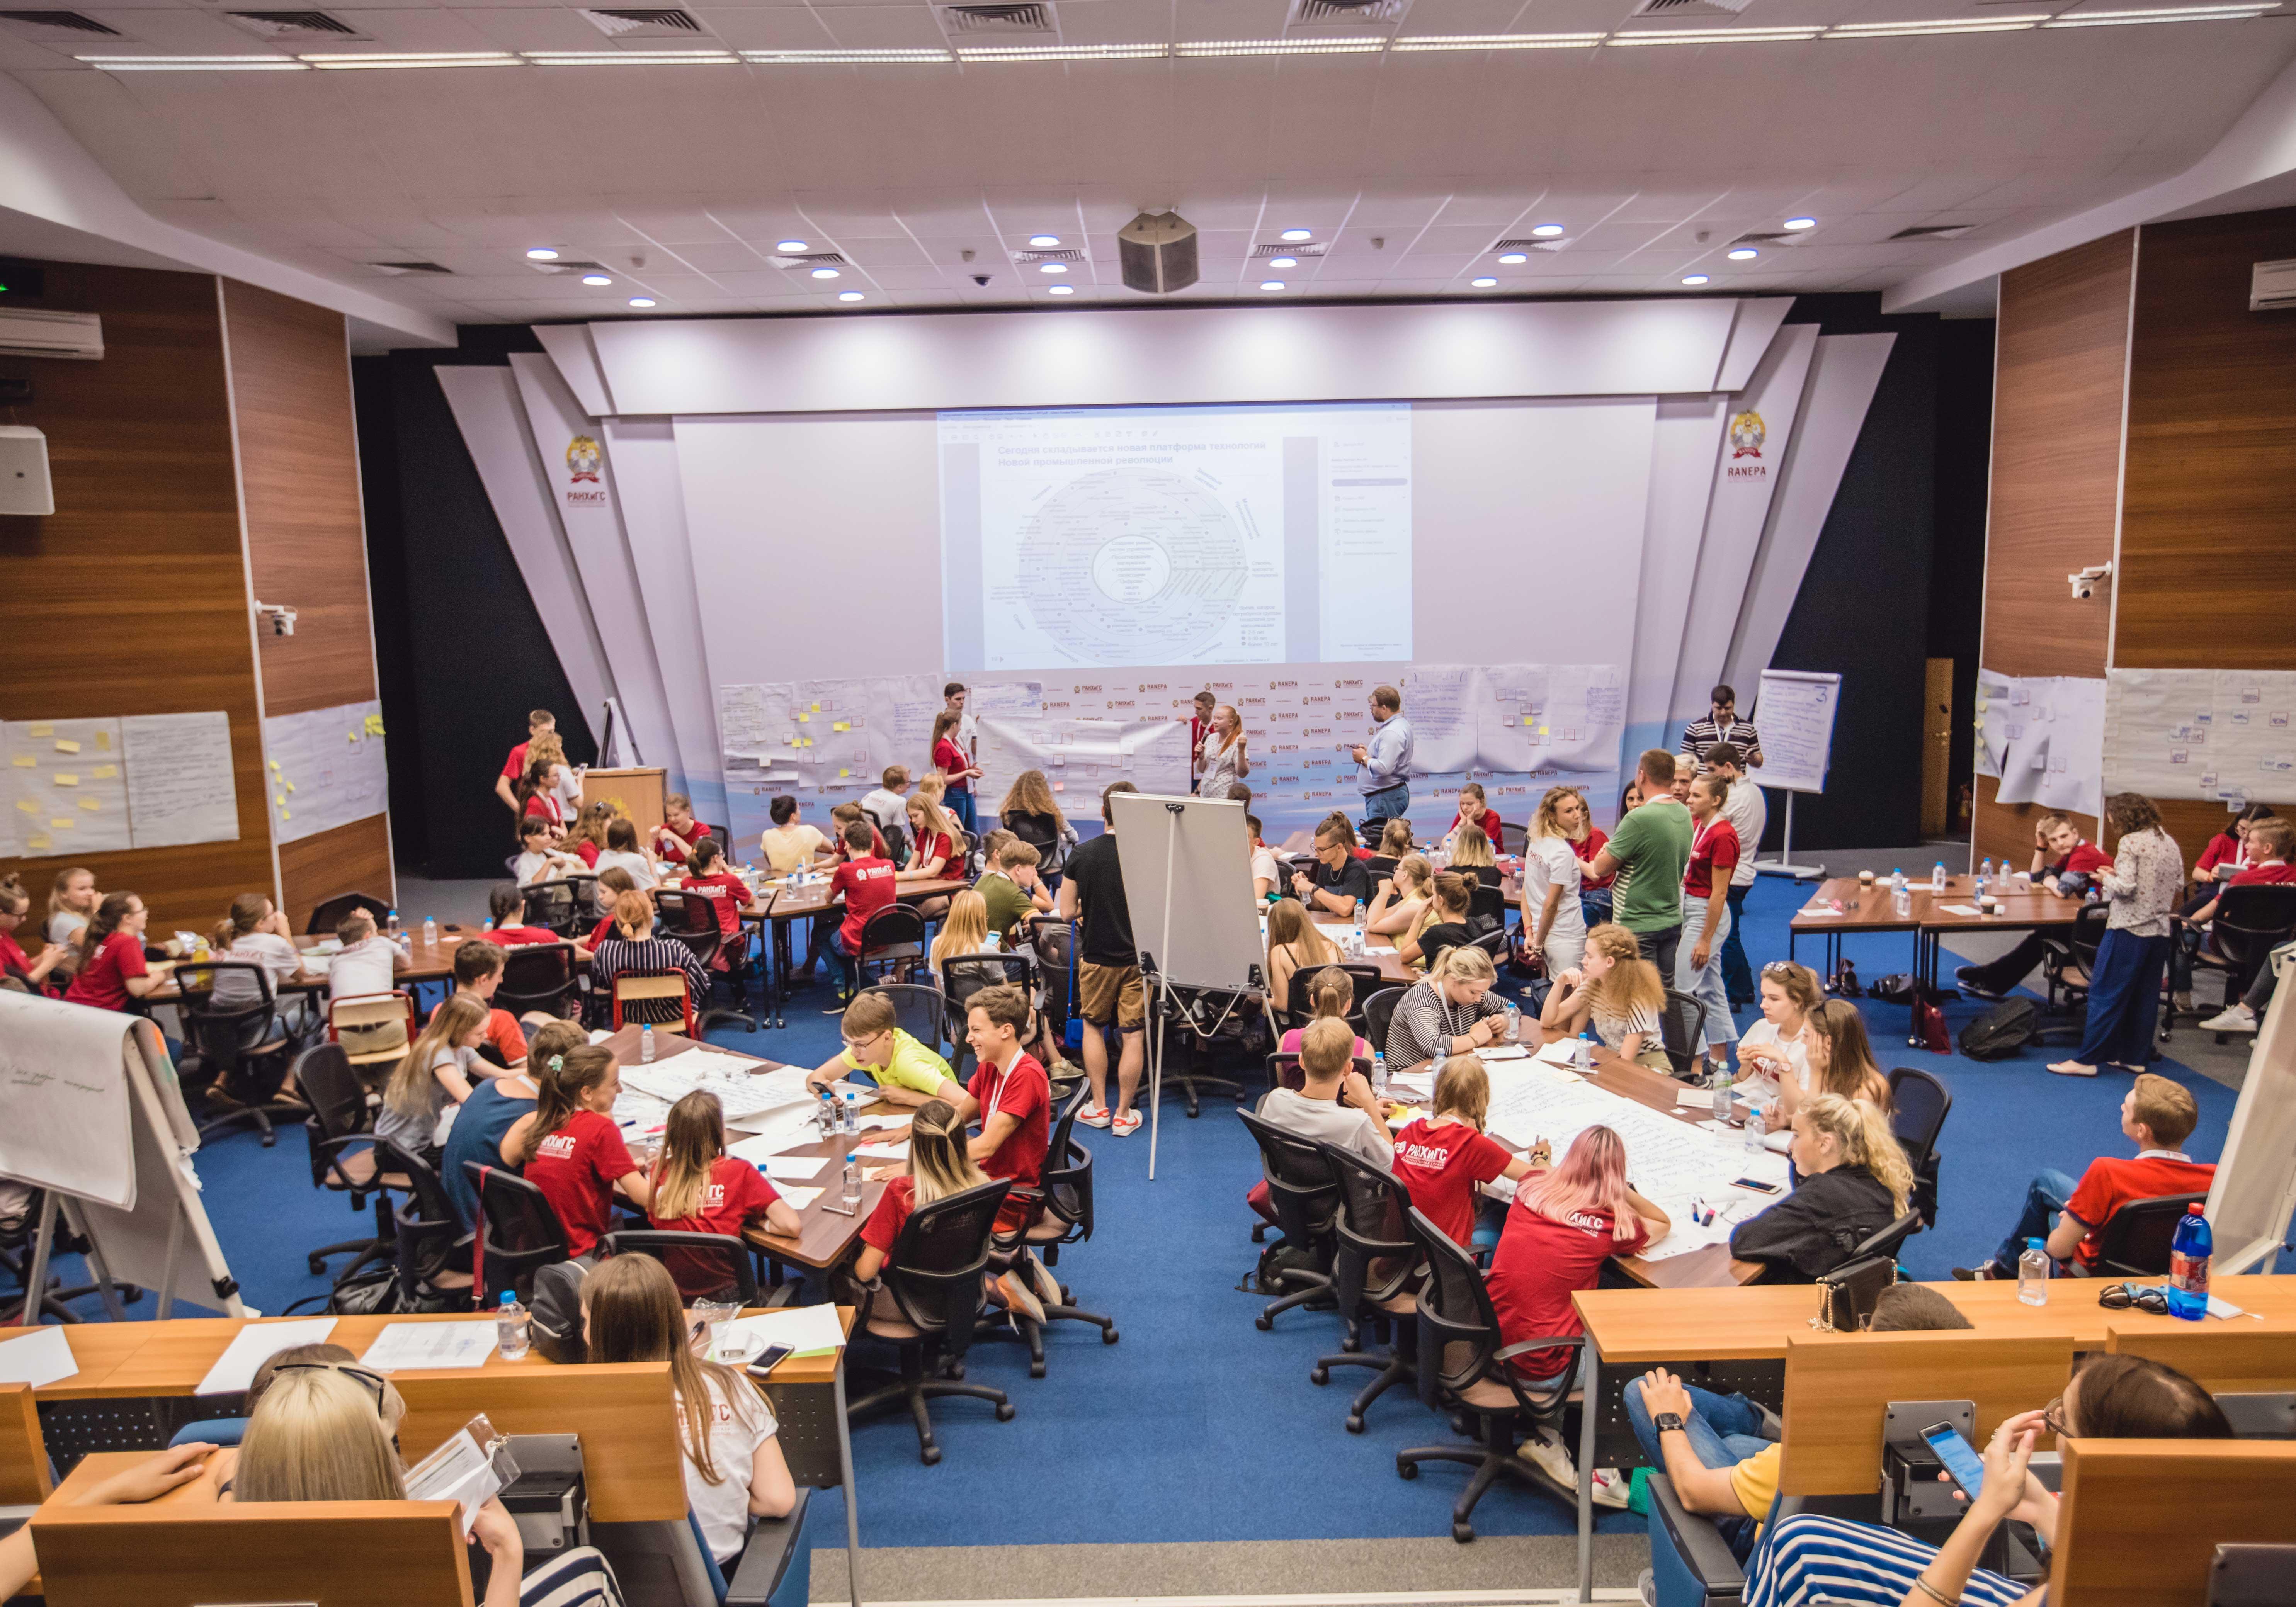 Центр интенсивной подготовки и профессиональной ориентации Президентской академии открыл программу для старшеклассников и учителей «Школьный проектный офис РАНХиГС»